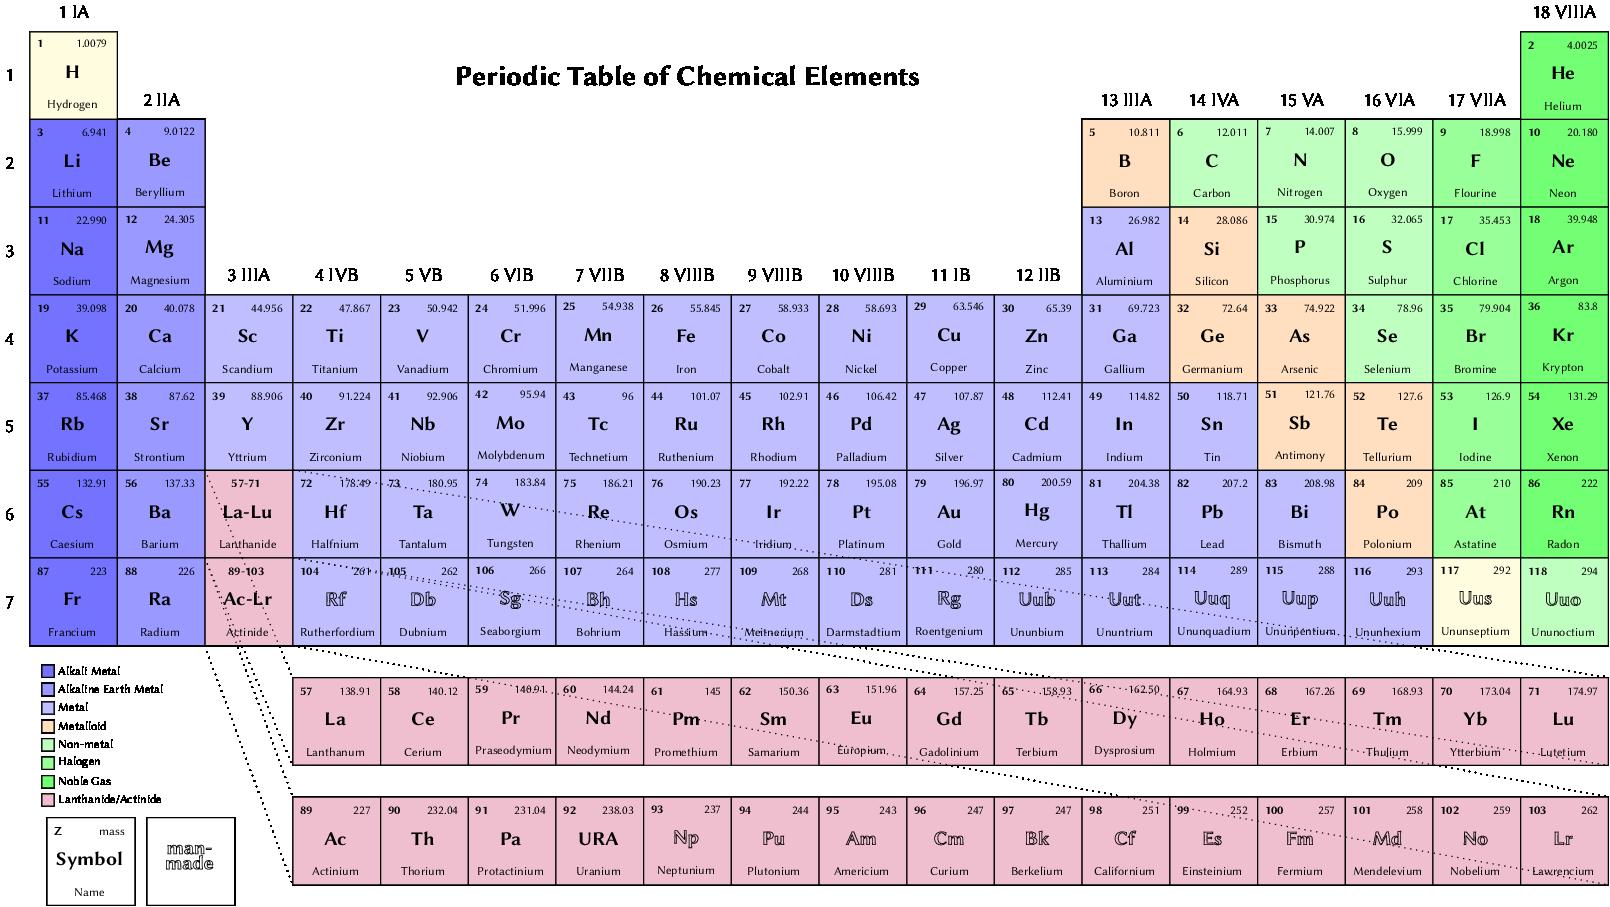 用 TiKZ 绘制精致的元素周期表